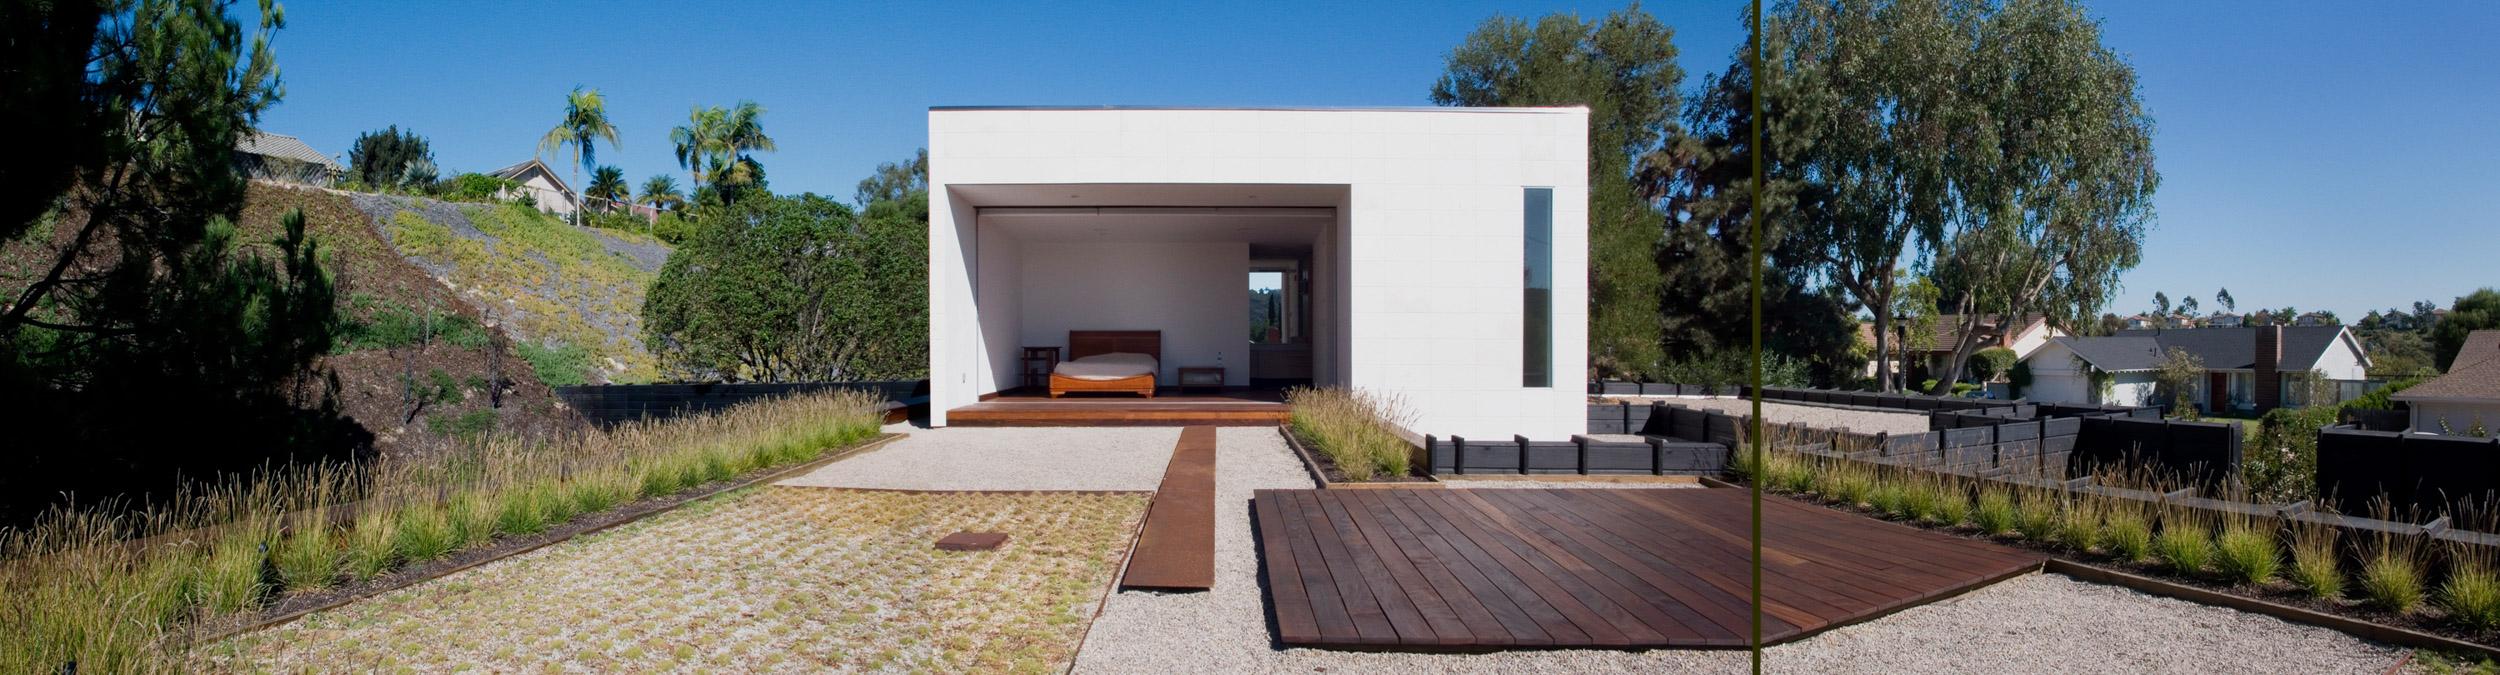 wabi-house-sebastian-mariscal-studio-hisao-suzuki-17.jpg